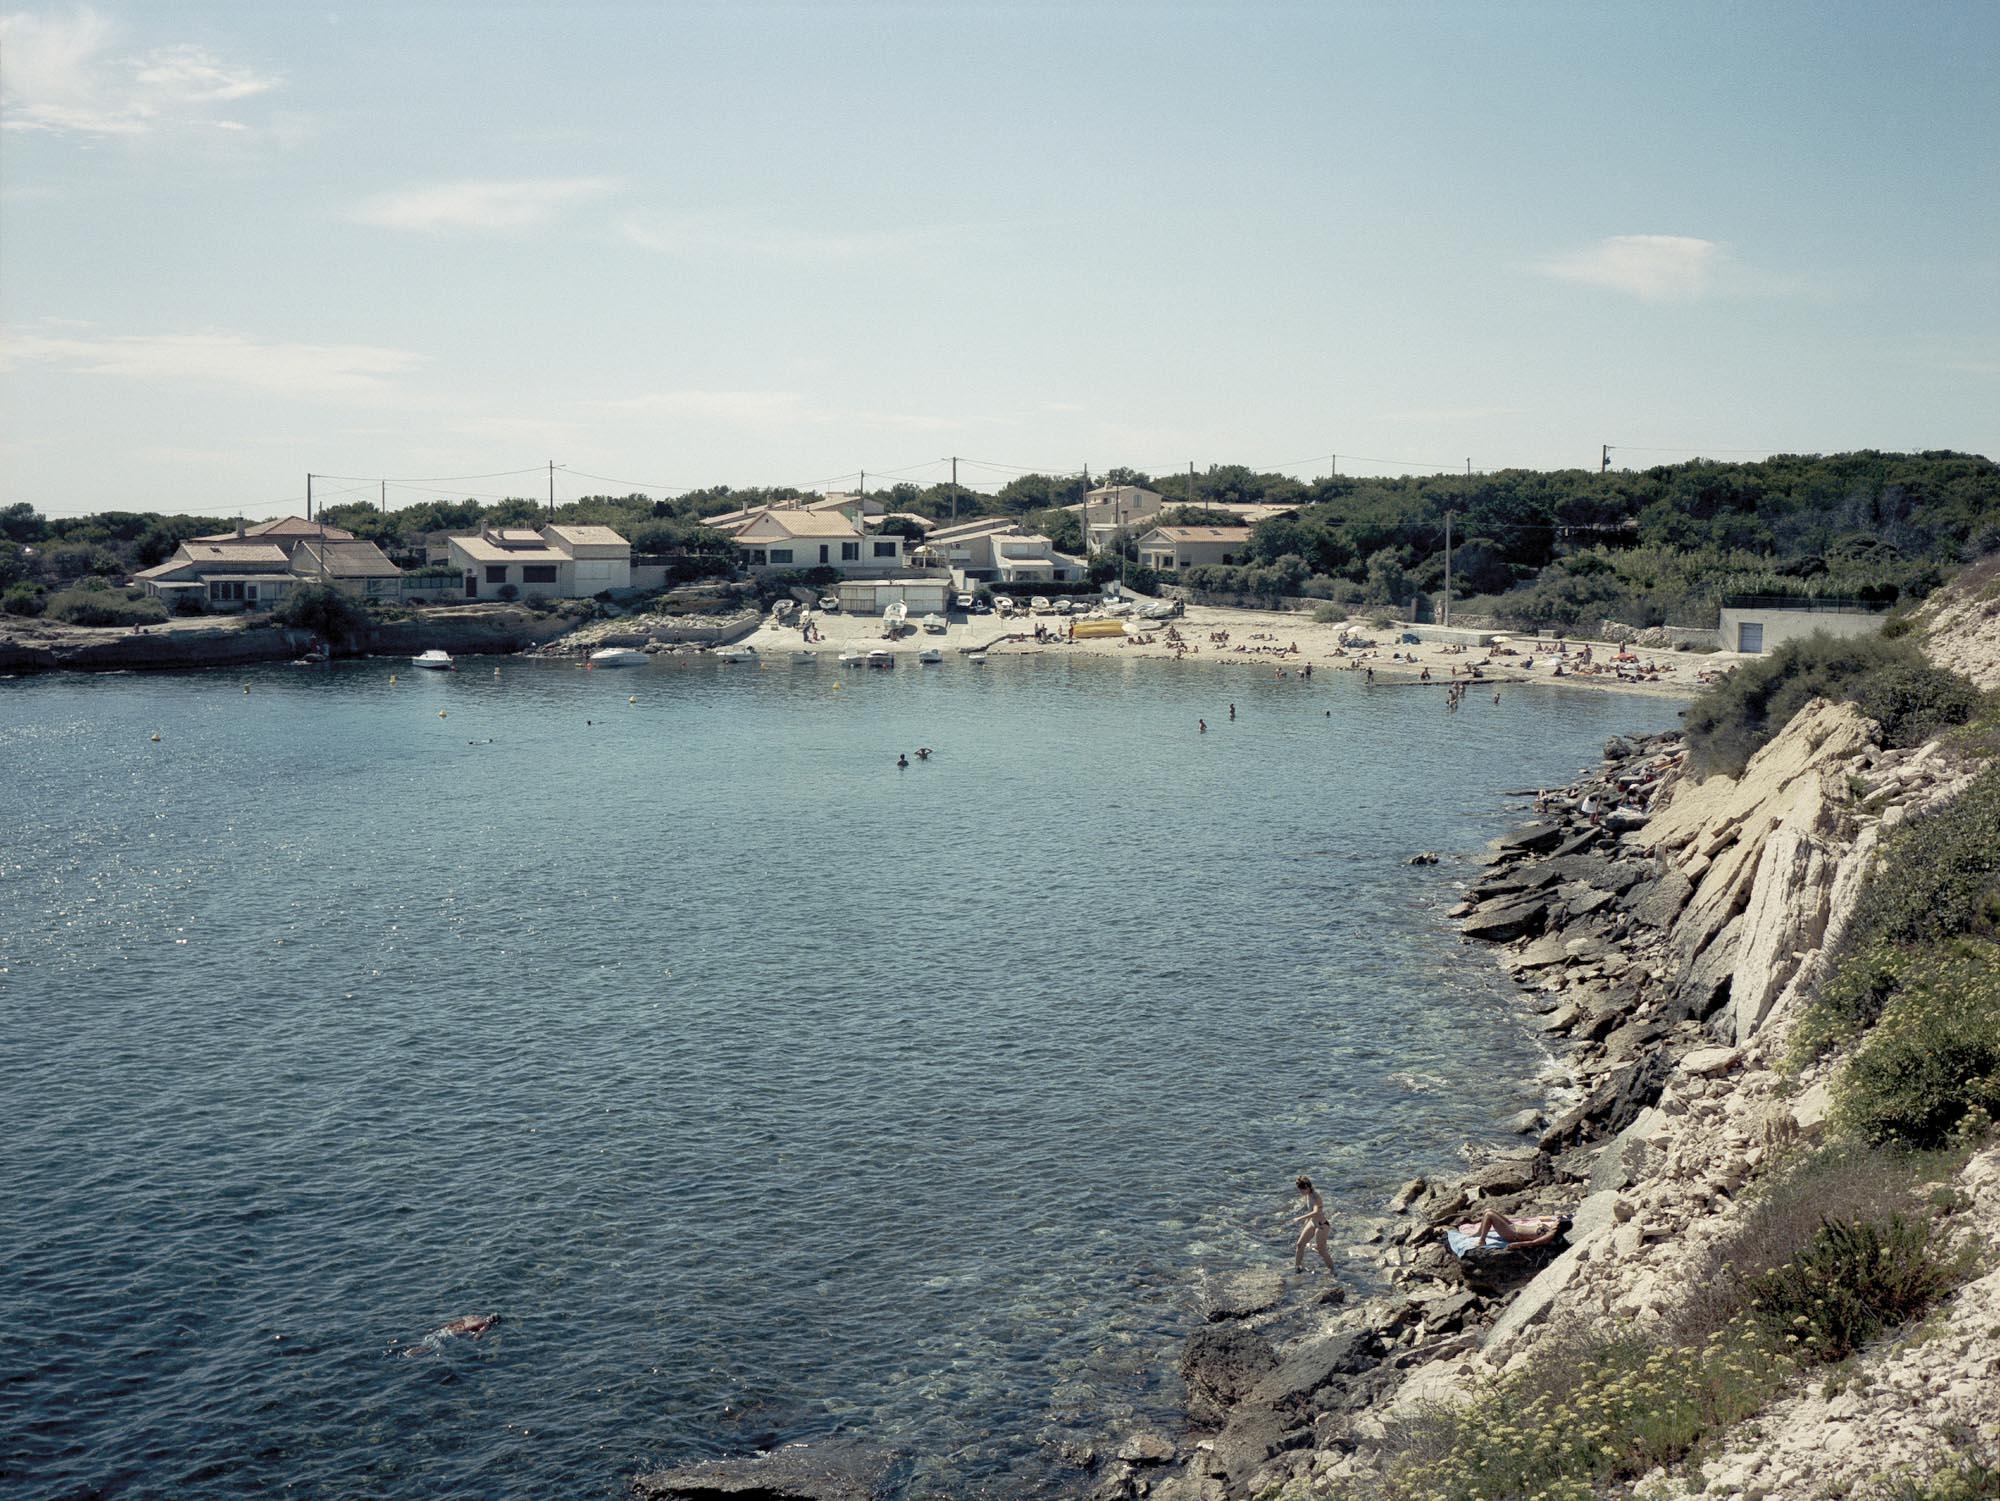 """Une plage à La Couronne, extrait de la série de photographies  """"lou souleou mi fa canta"""" de Pierre-Yves Massot"""